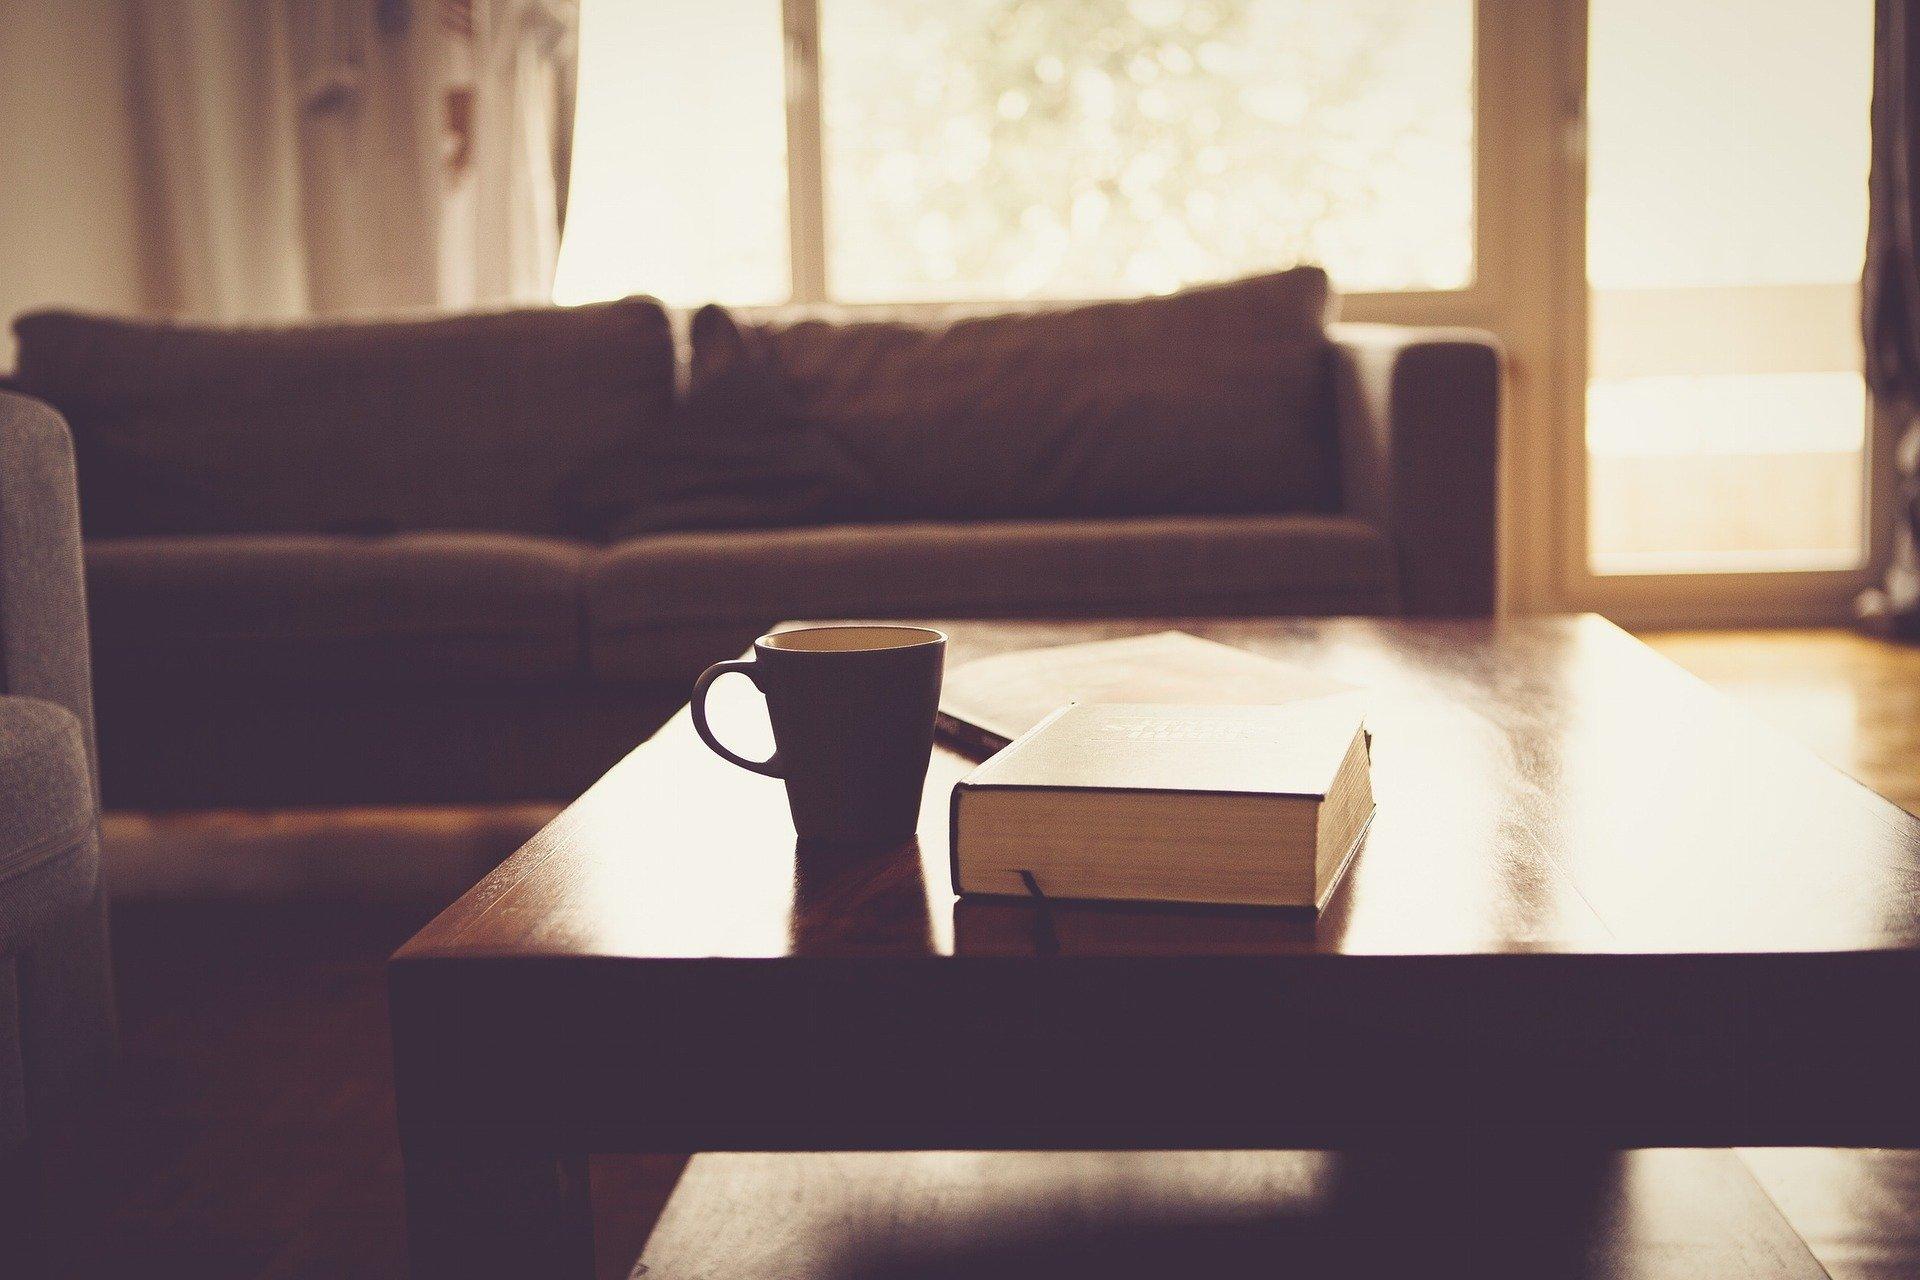 living room furniture, coffee mug and Bible on coffee table